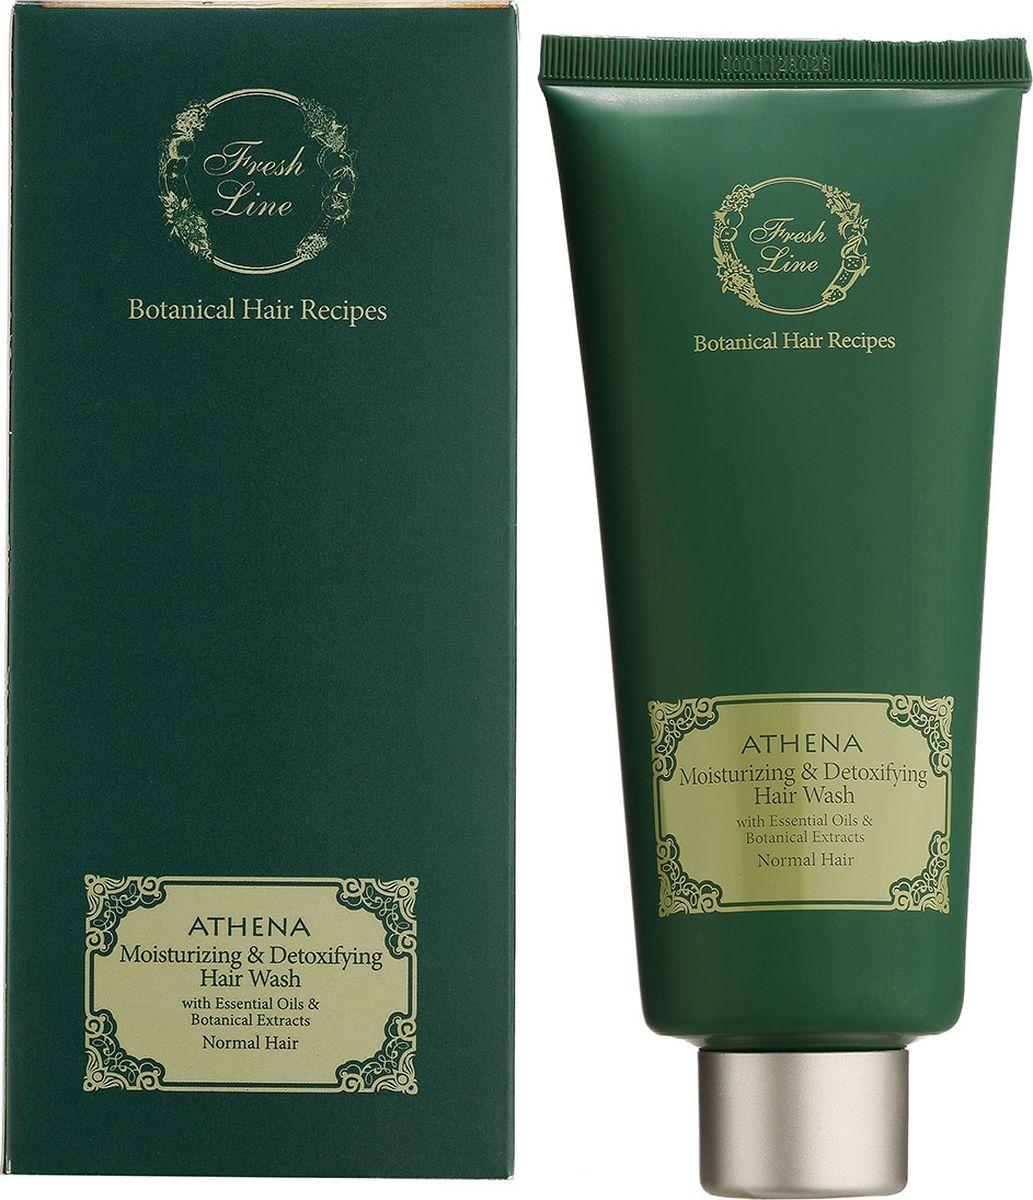 Fresh Line Шампунь для всех типов волос увлажняющий Афина, 200 мл910362Восстанавливающий, увлажняющий шампунь с греческим органическим оливковым маслом. В качестве пенящего агента в шампуне используется натуральный компонент кокоглюкозид (на основе вытяжки из кокоса и глюкозы). Шампунь мягко очищает волосы, способствует их увлажнению, питанию и восстановлению. Содержит так же сок алоэ, эфирные масла лавра и розмарина, дающие дополнительное увлажнение волосам, укрепляющие их и способствующие росту волос.